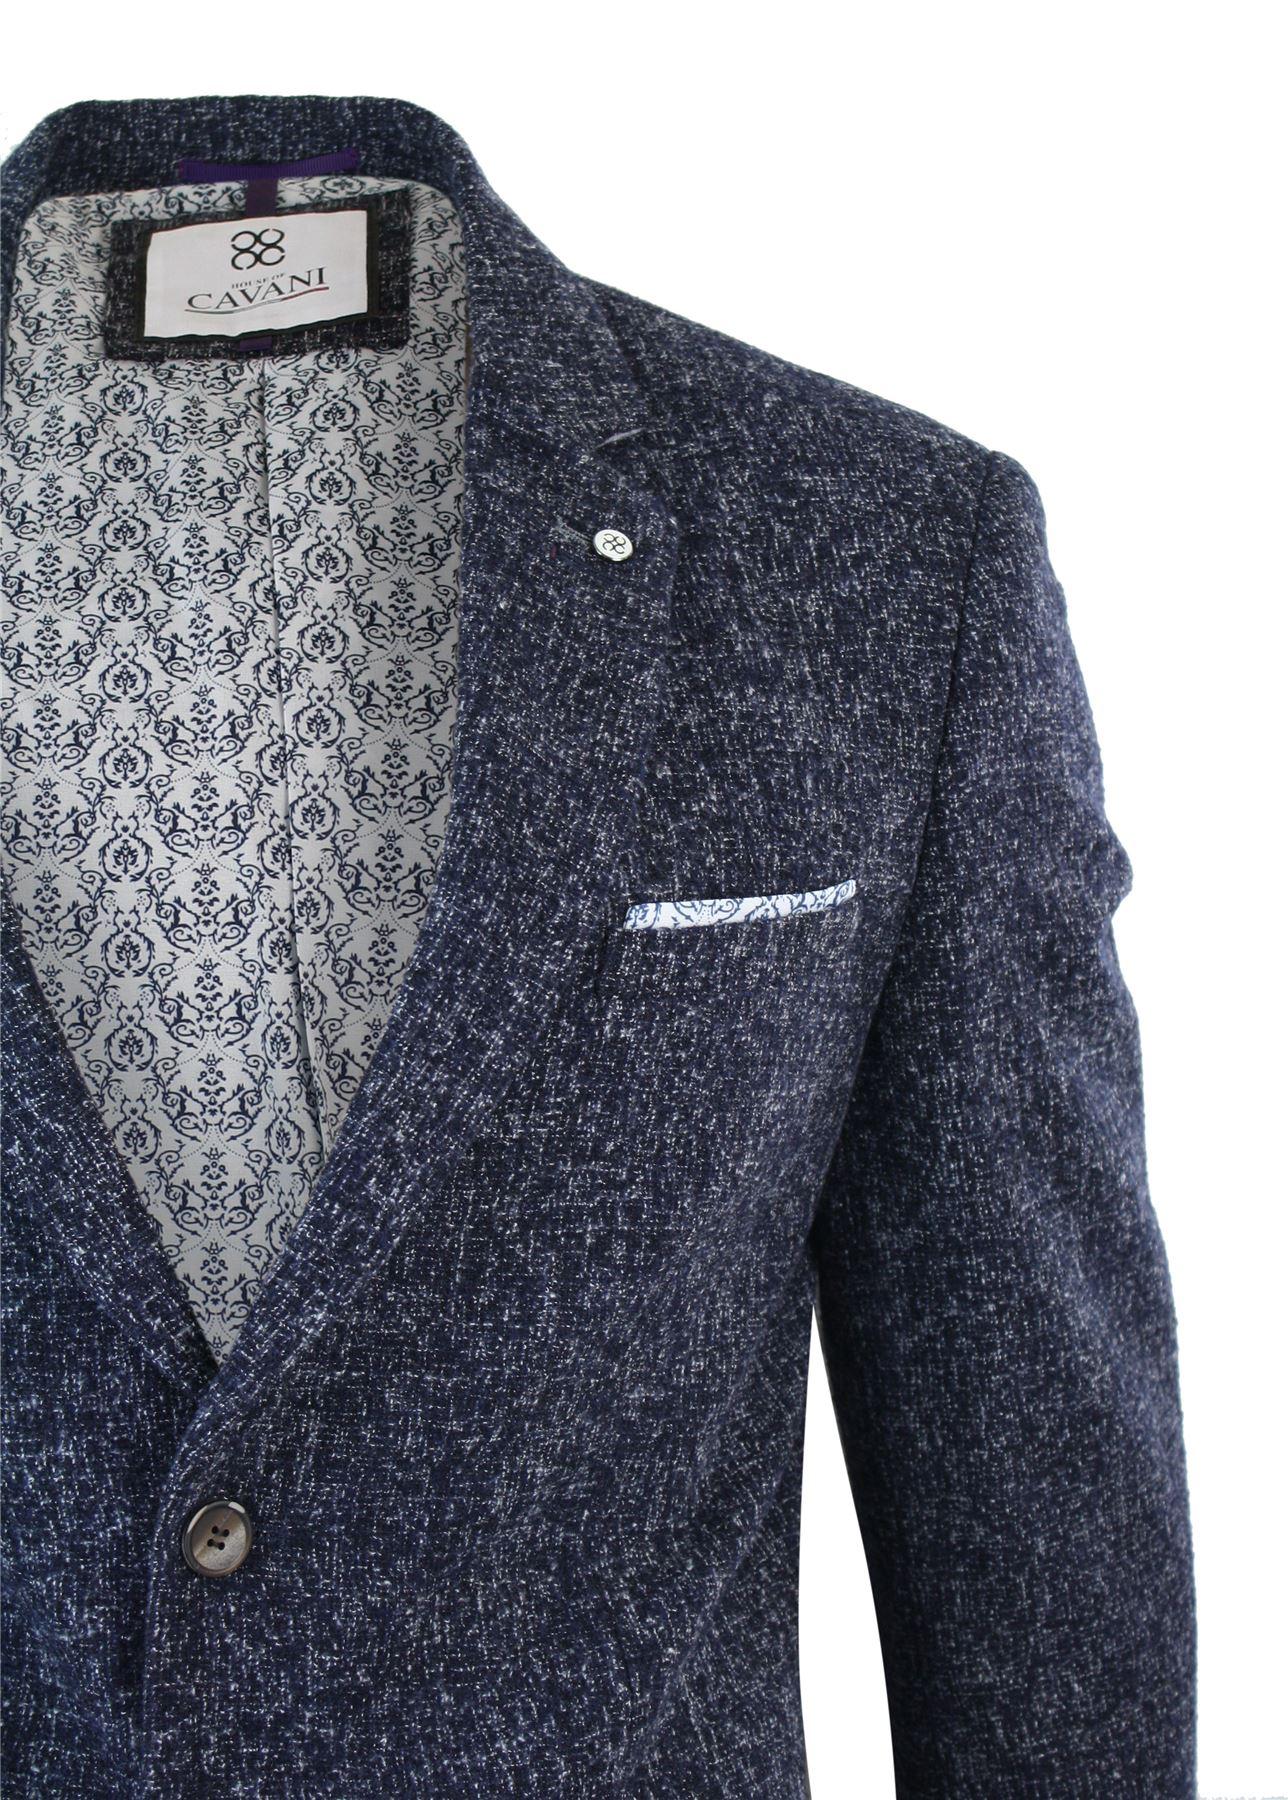 veste ou gilet homme tweed coupe cintr e slim gris vintage r tro peaky blinders ebay. Black Bedroom Furniture Sets. Home Design Ideas